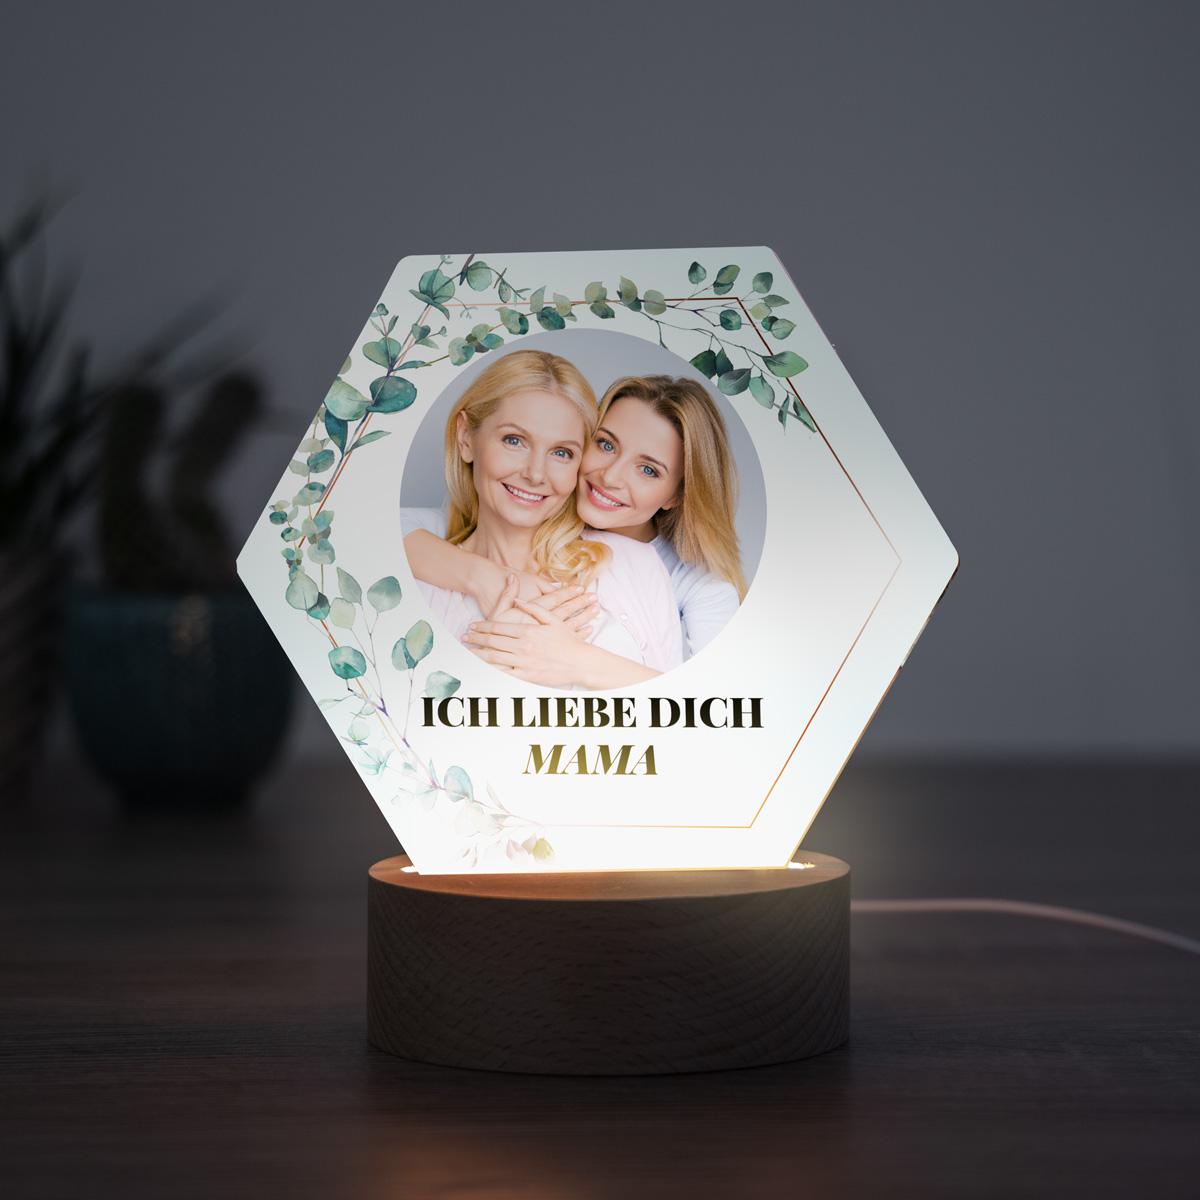 Geschenke für Mama LED Leuchte mit Blättern mit Bild und Text